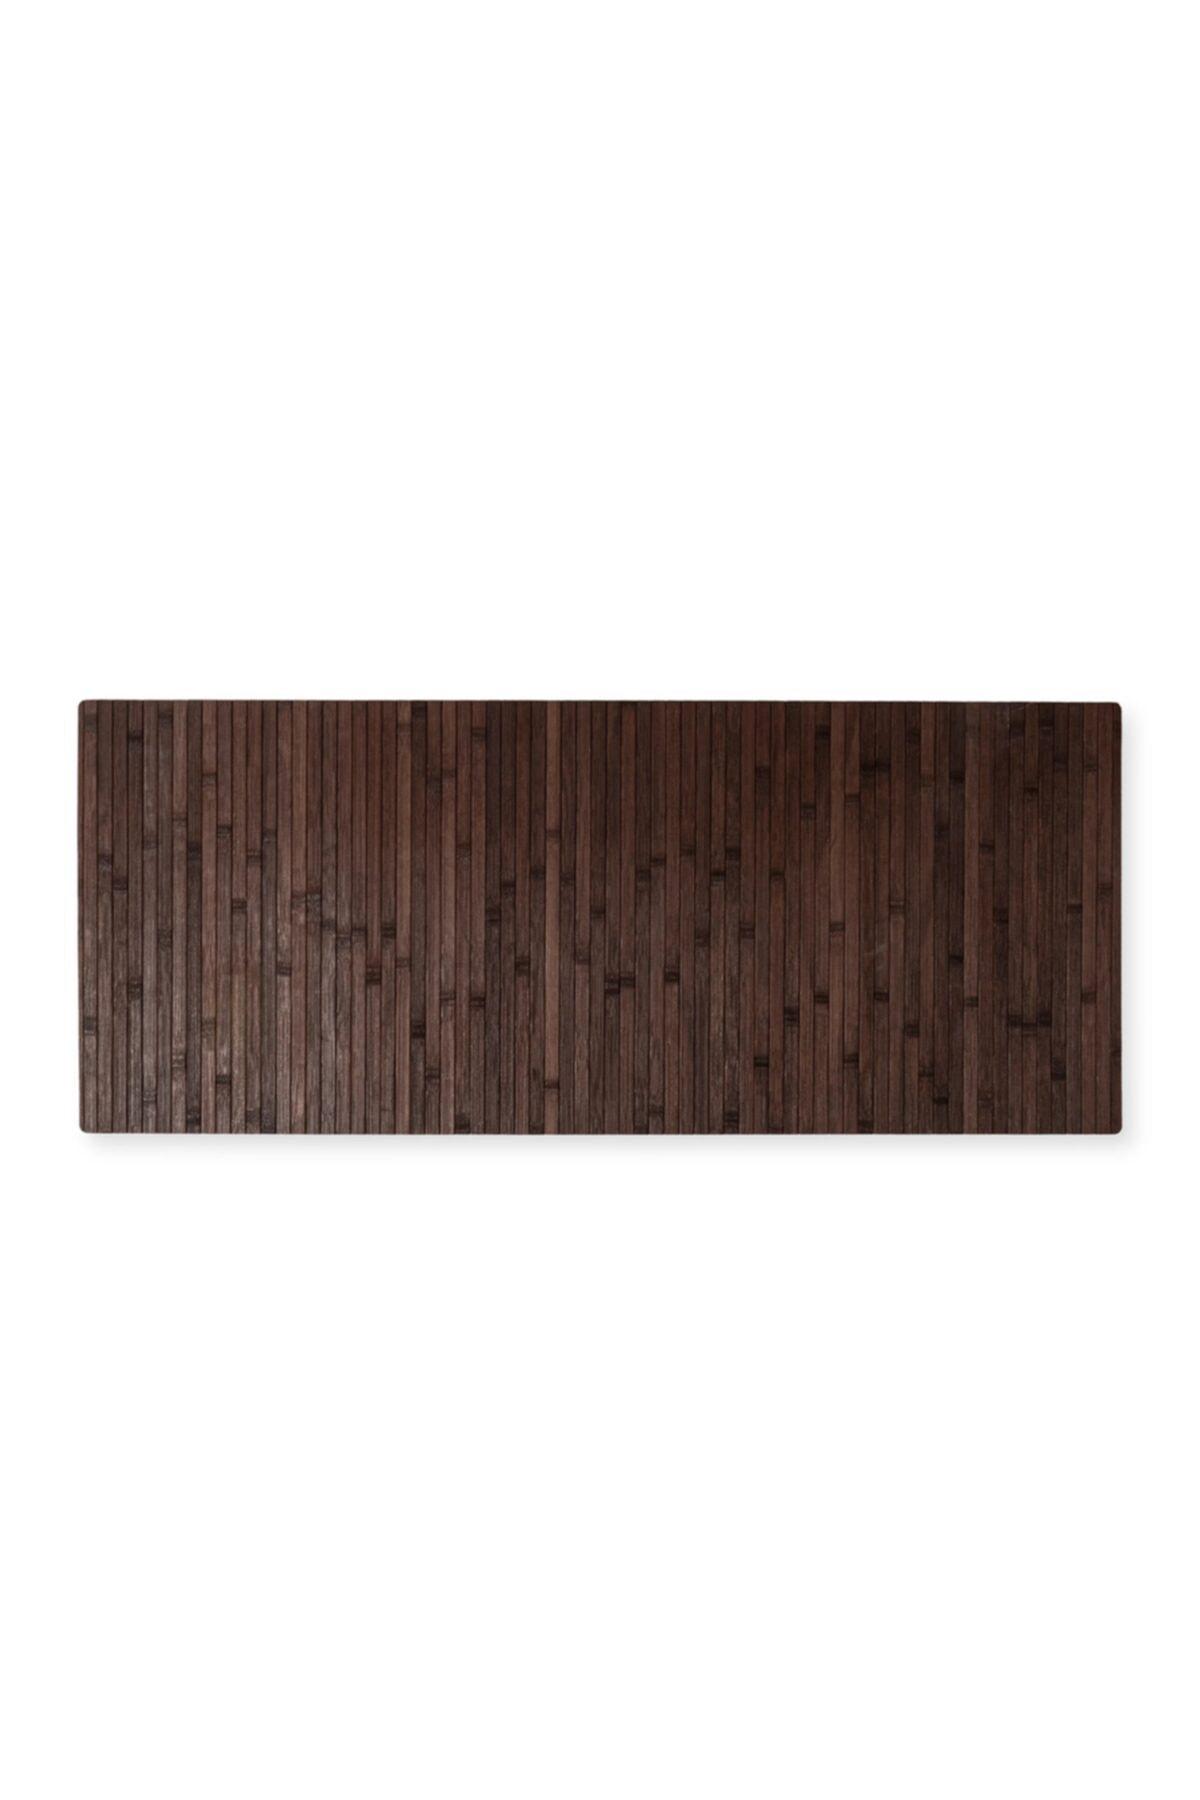 Bambu Kaydırmaz Tabanlı Paspas Banyo Kapı Ve Çok Amaçlı